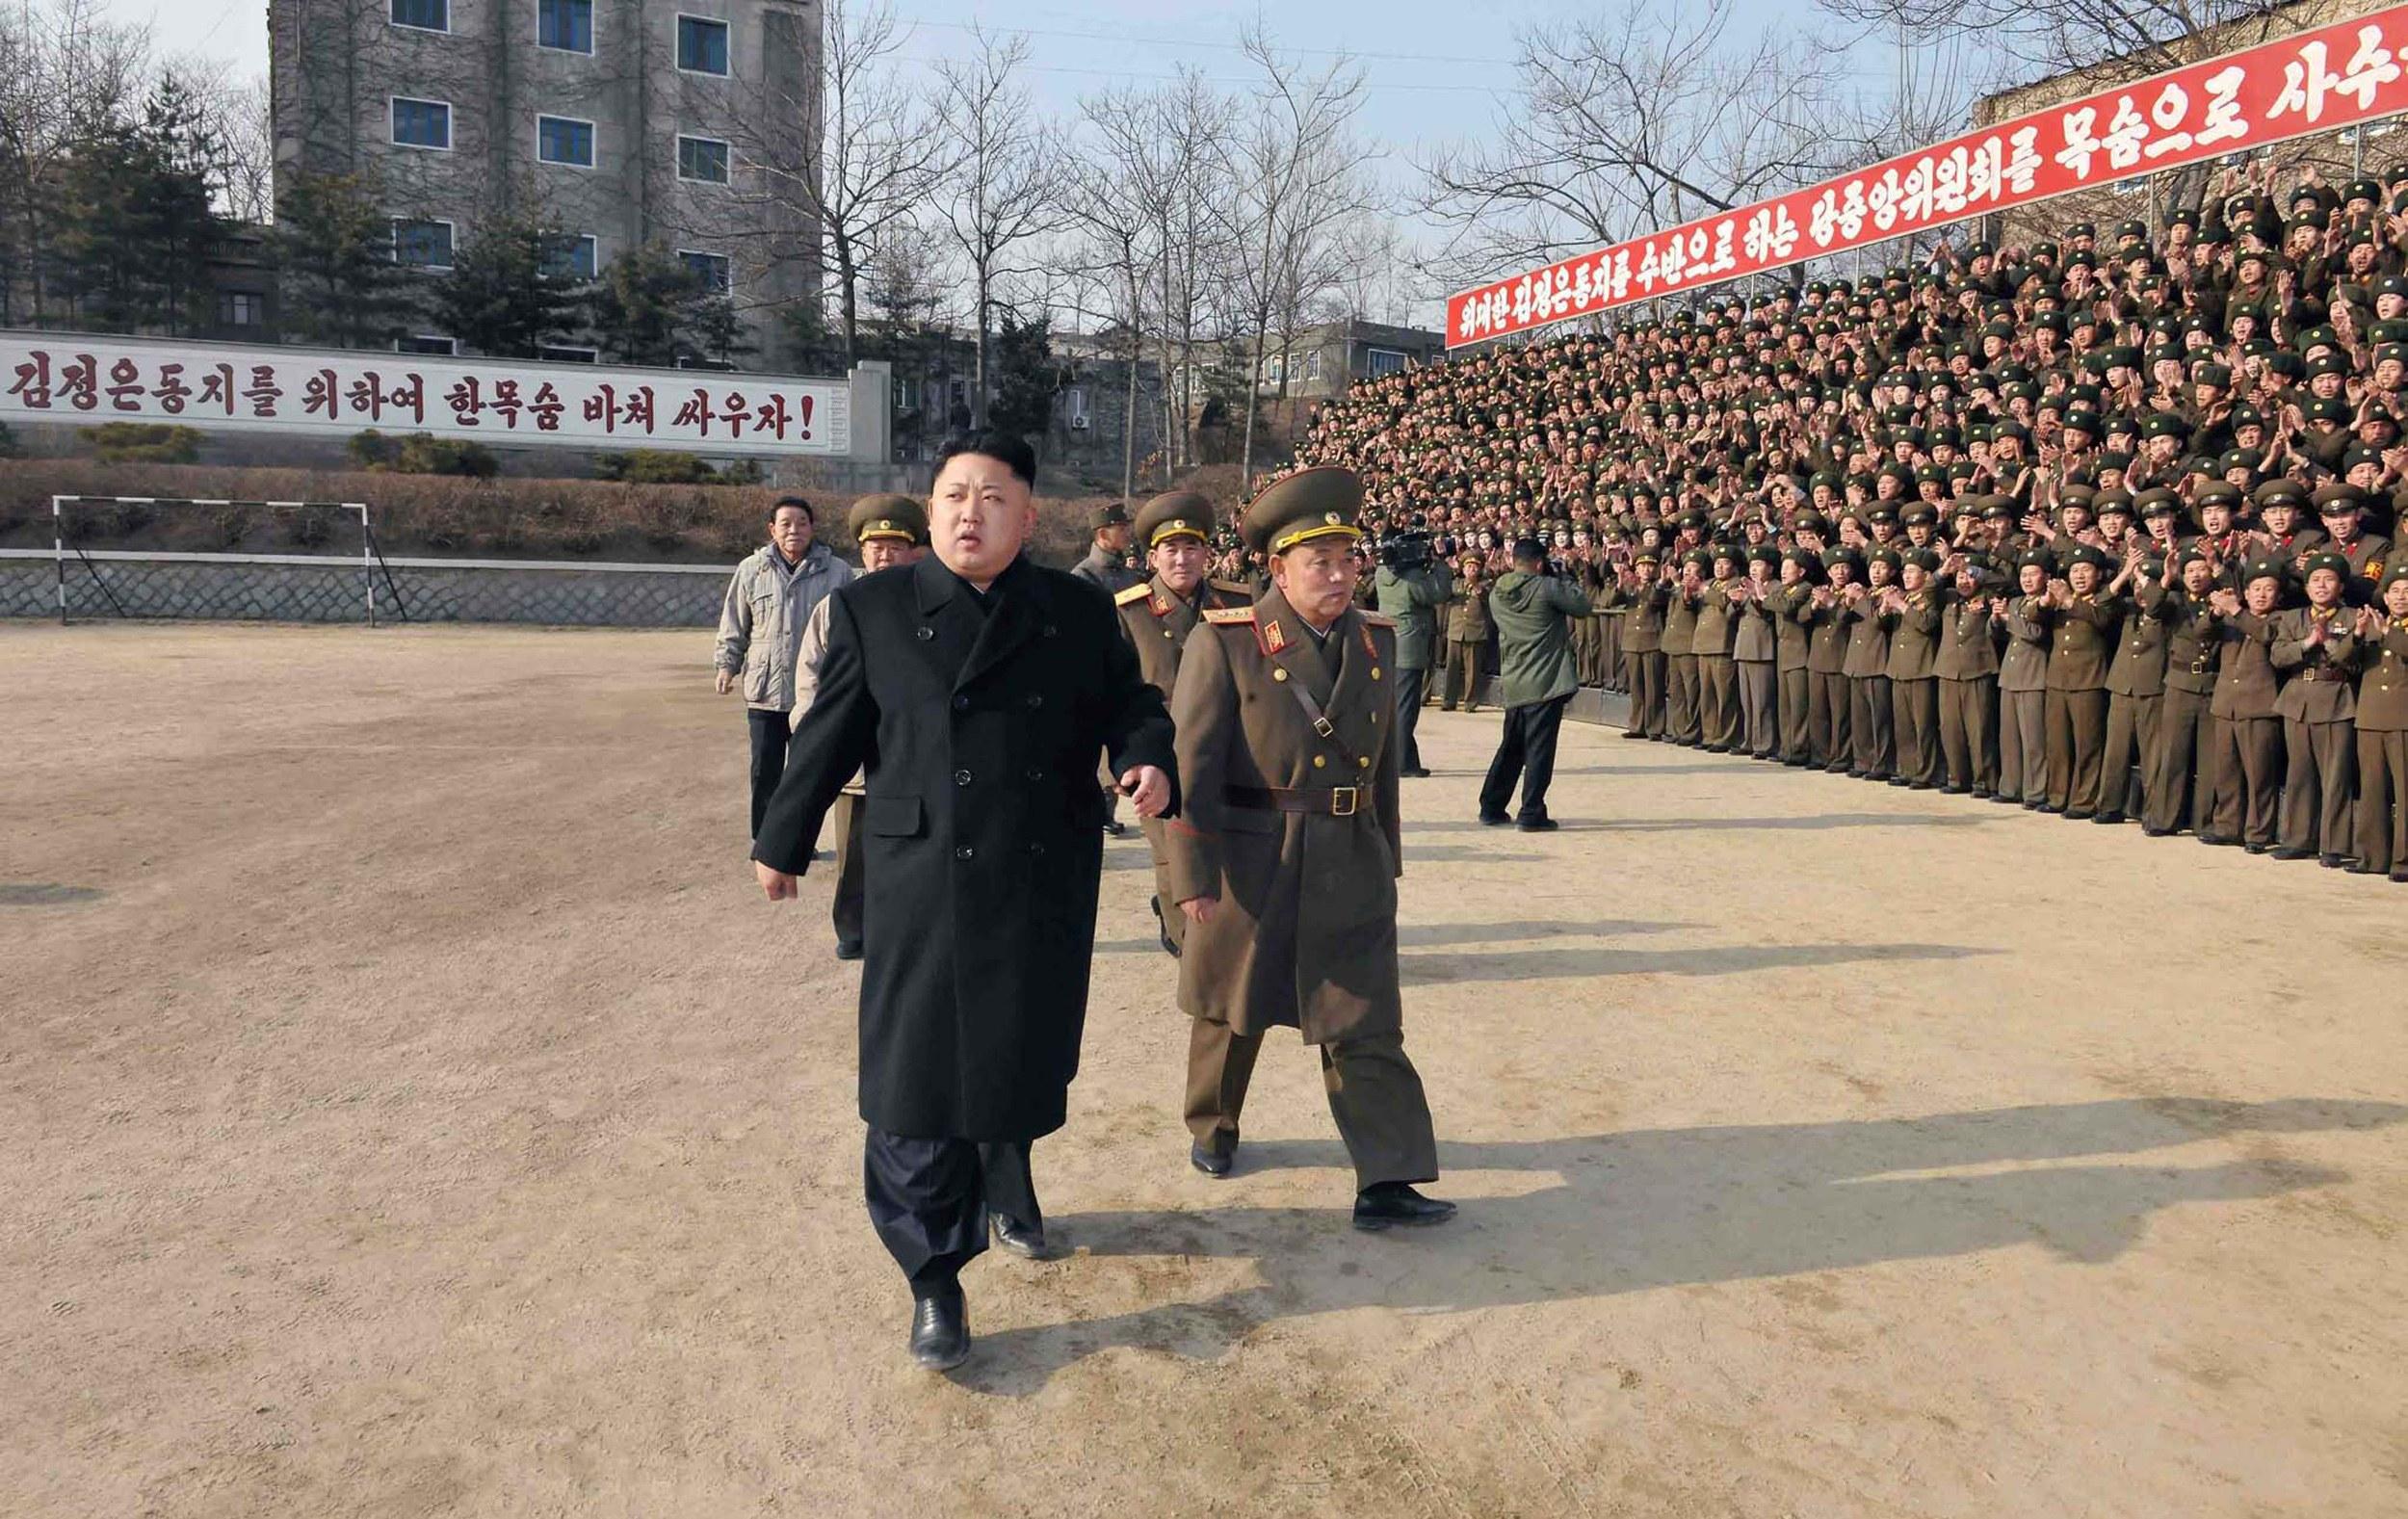 Kim Jong Un walking alongside soldiers.